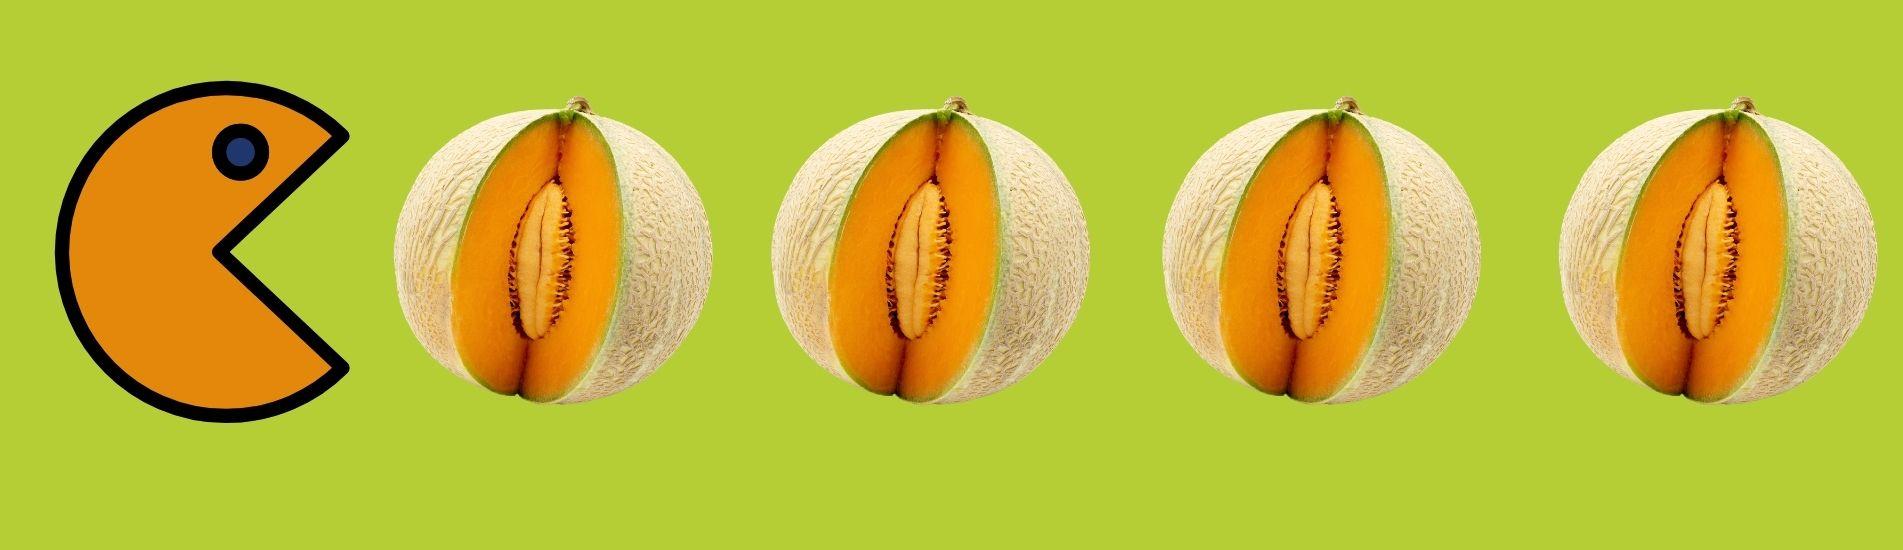 La pasión de Alejandro Dumas por el melón Charentais